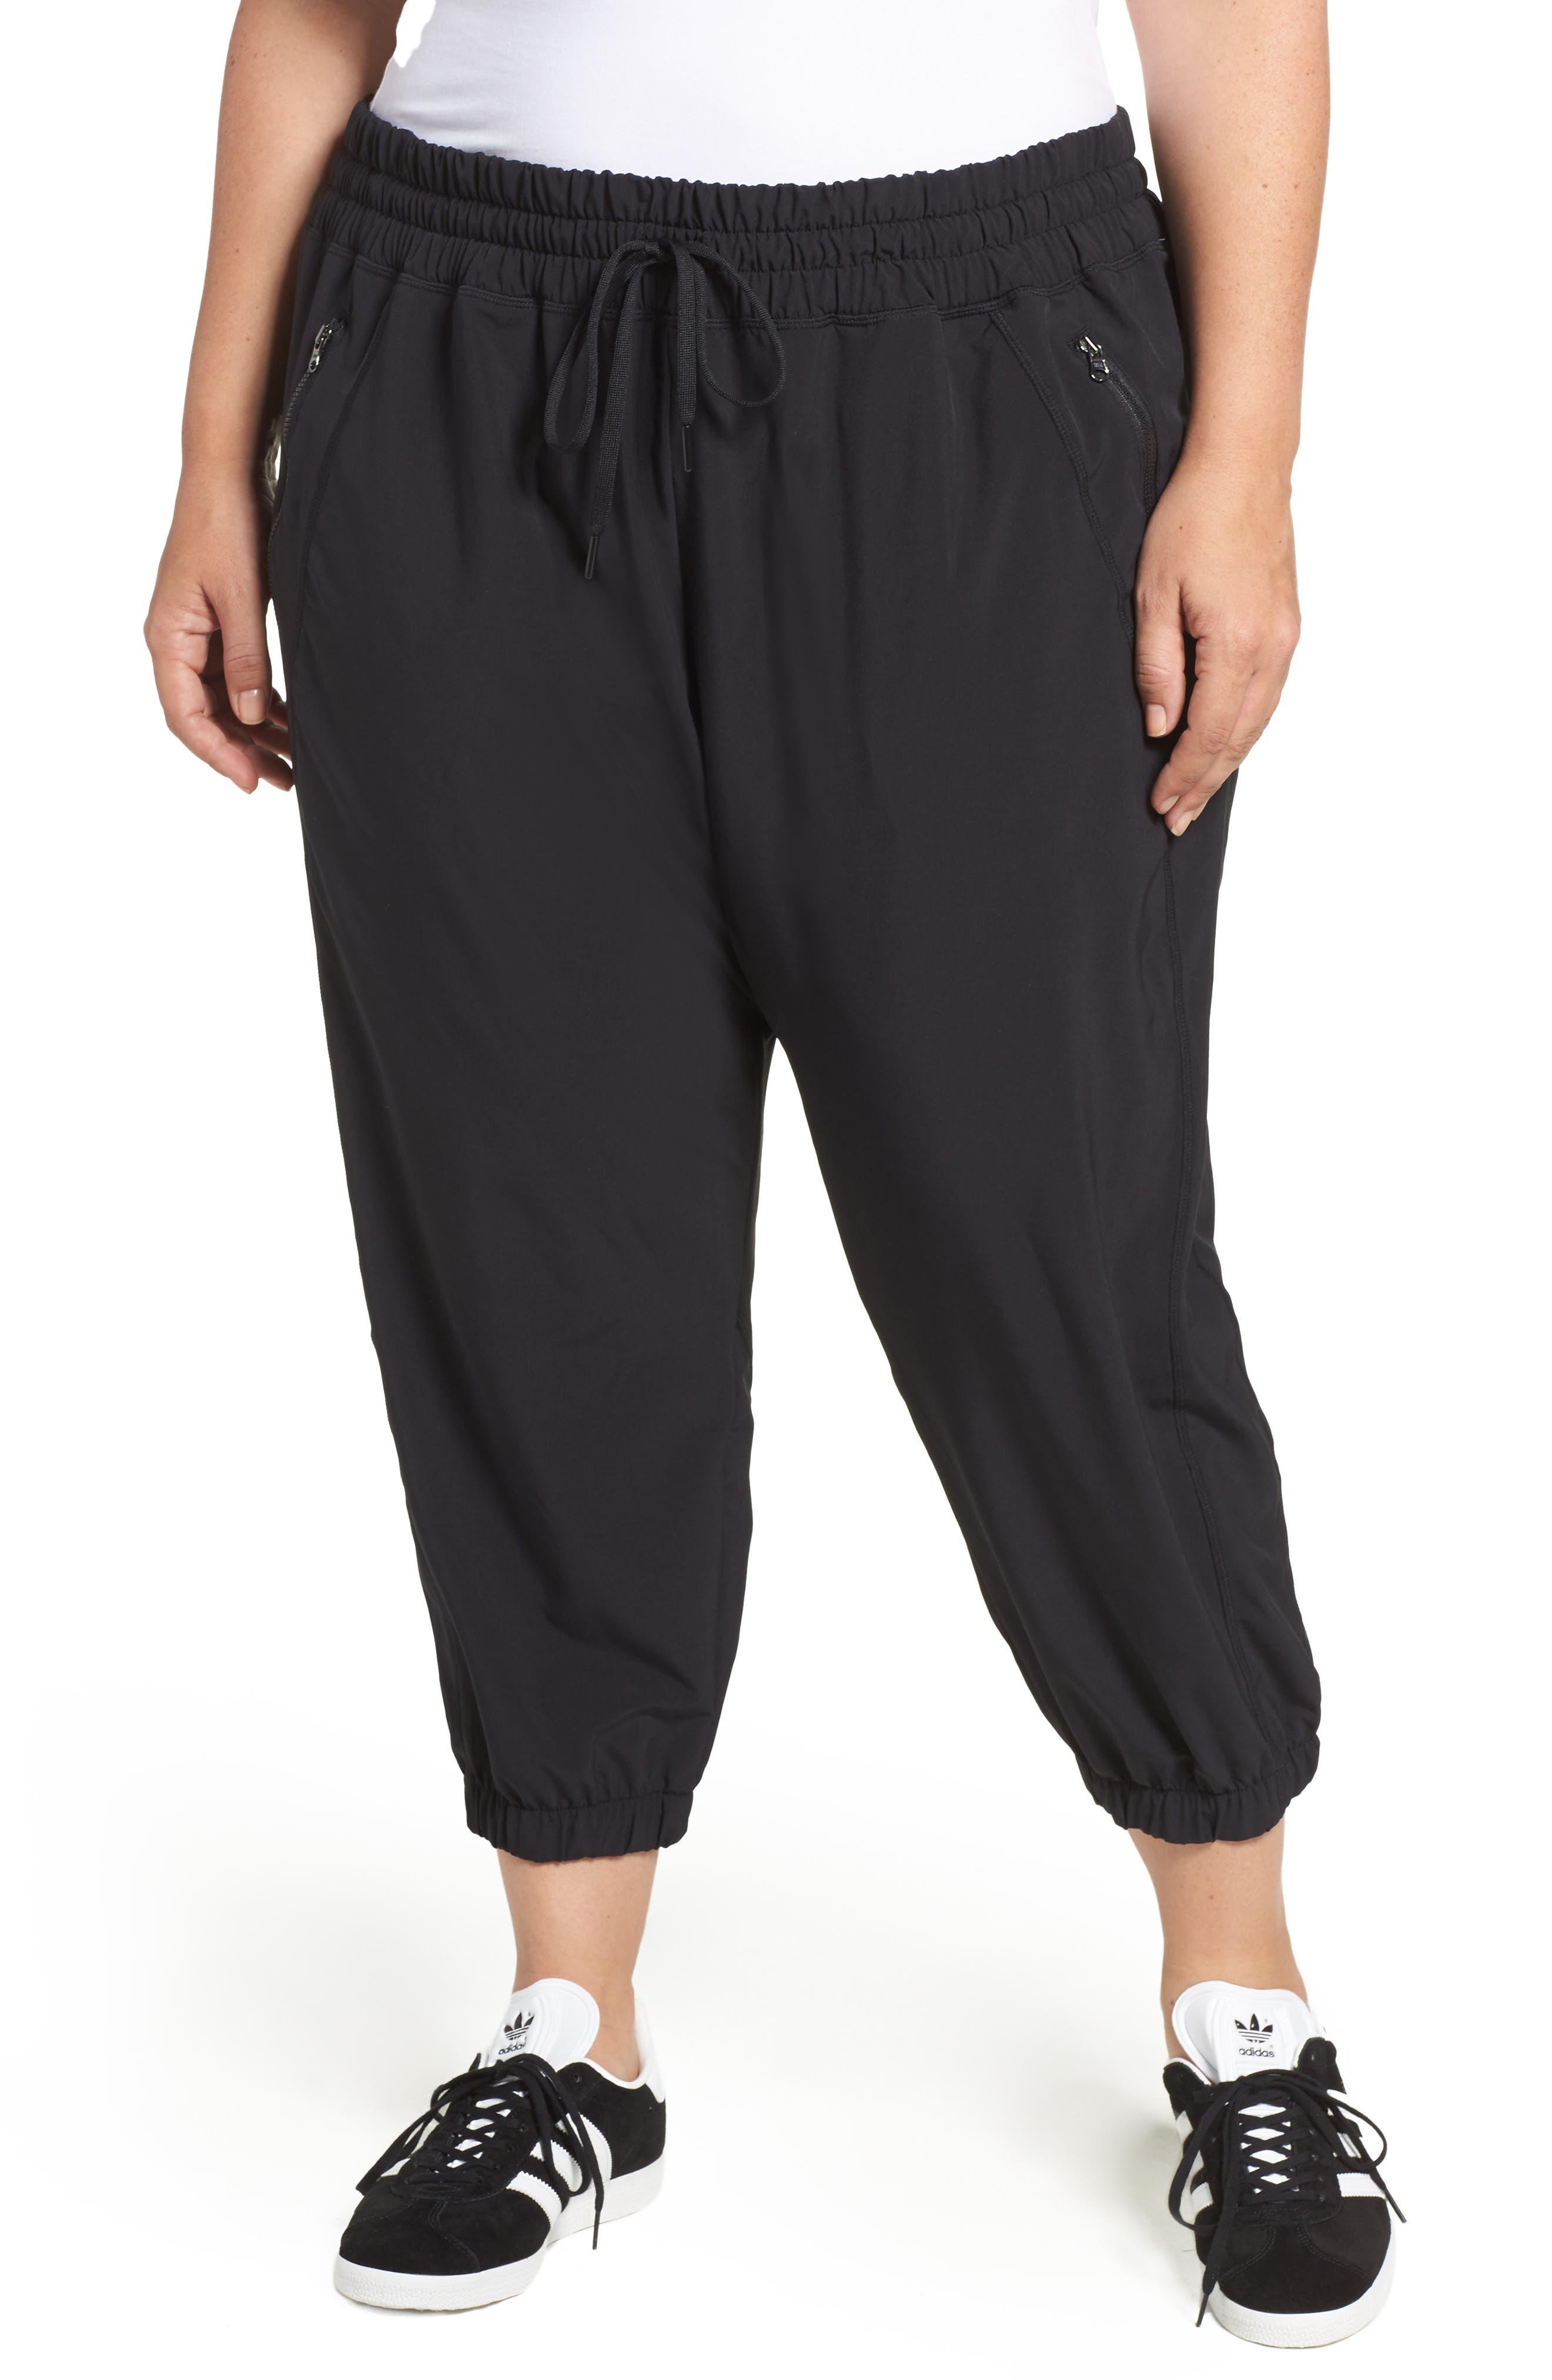 Out & About 2 Crop Pants,                         Main,                         color, Black